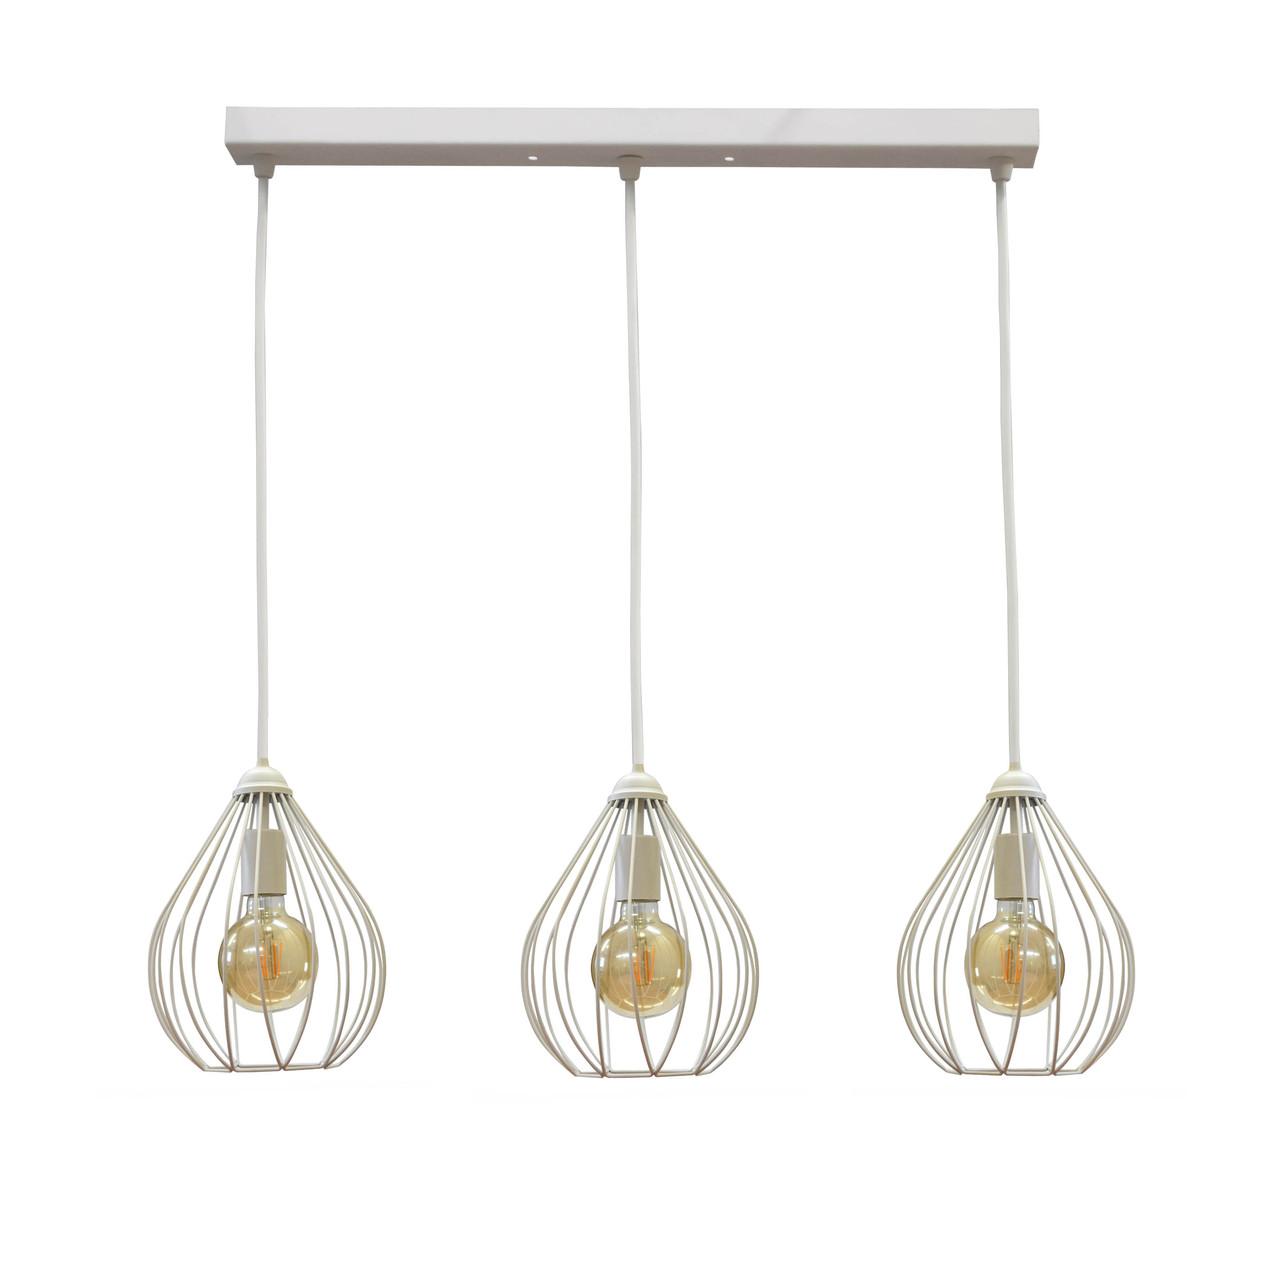 Светильник подвесной в стиле лофт на три лампы  Капля  NL 2229-3W MSK Electric